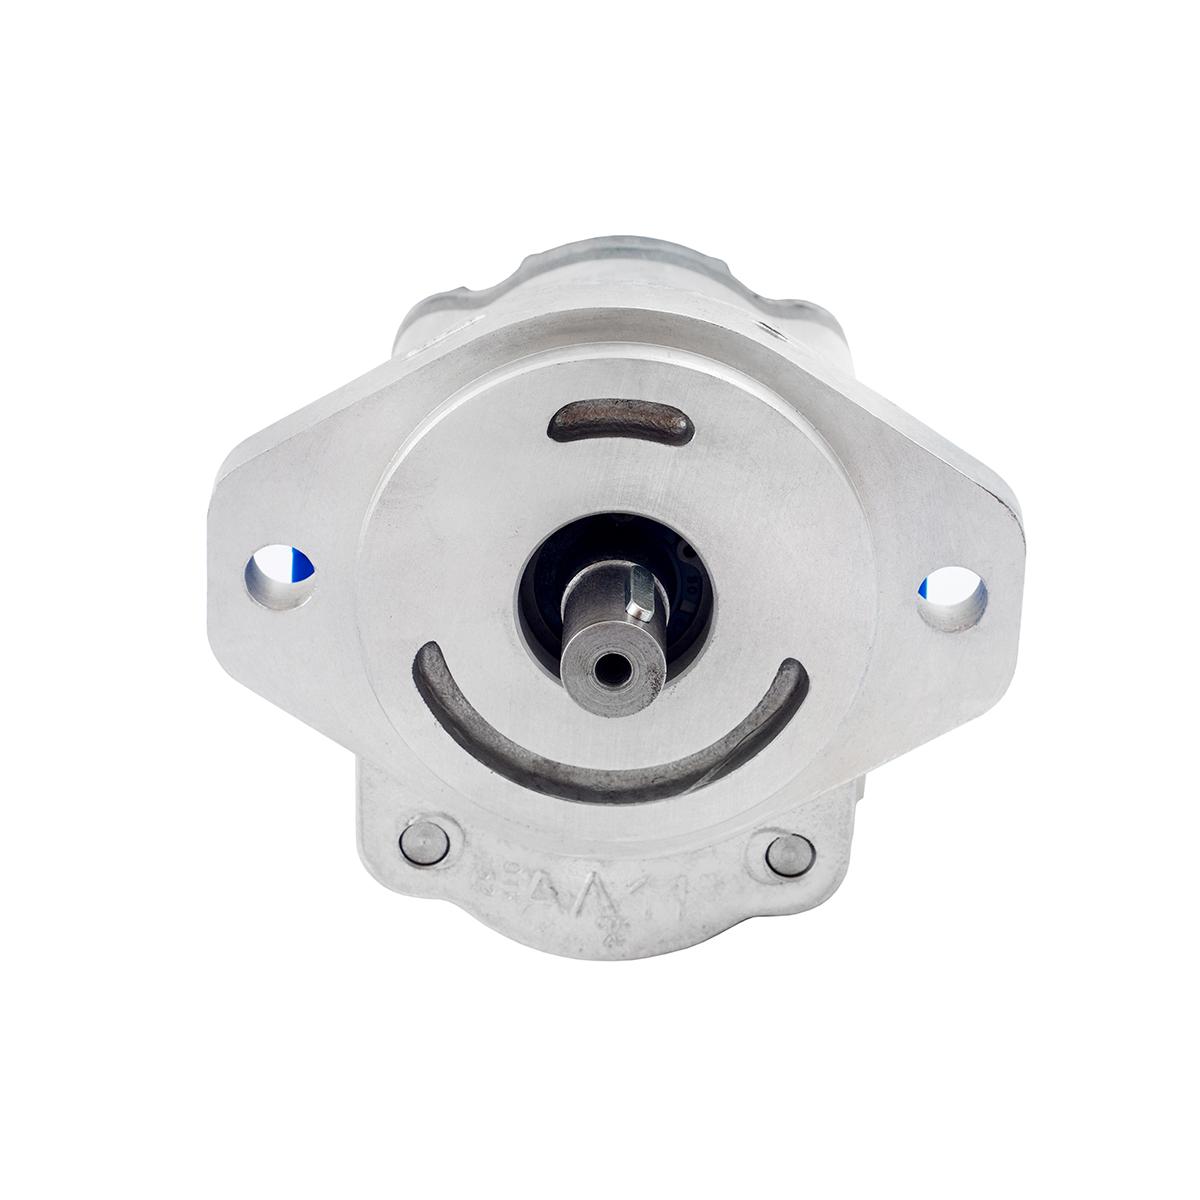 0.97 CID hydraulic gear pump, 3/4 keyed shaft counter-clockwise gear pump | Magister Hydraulics